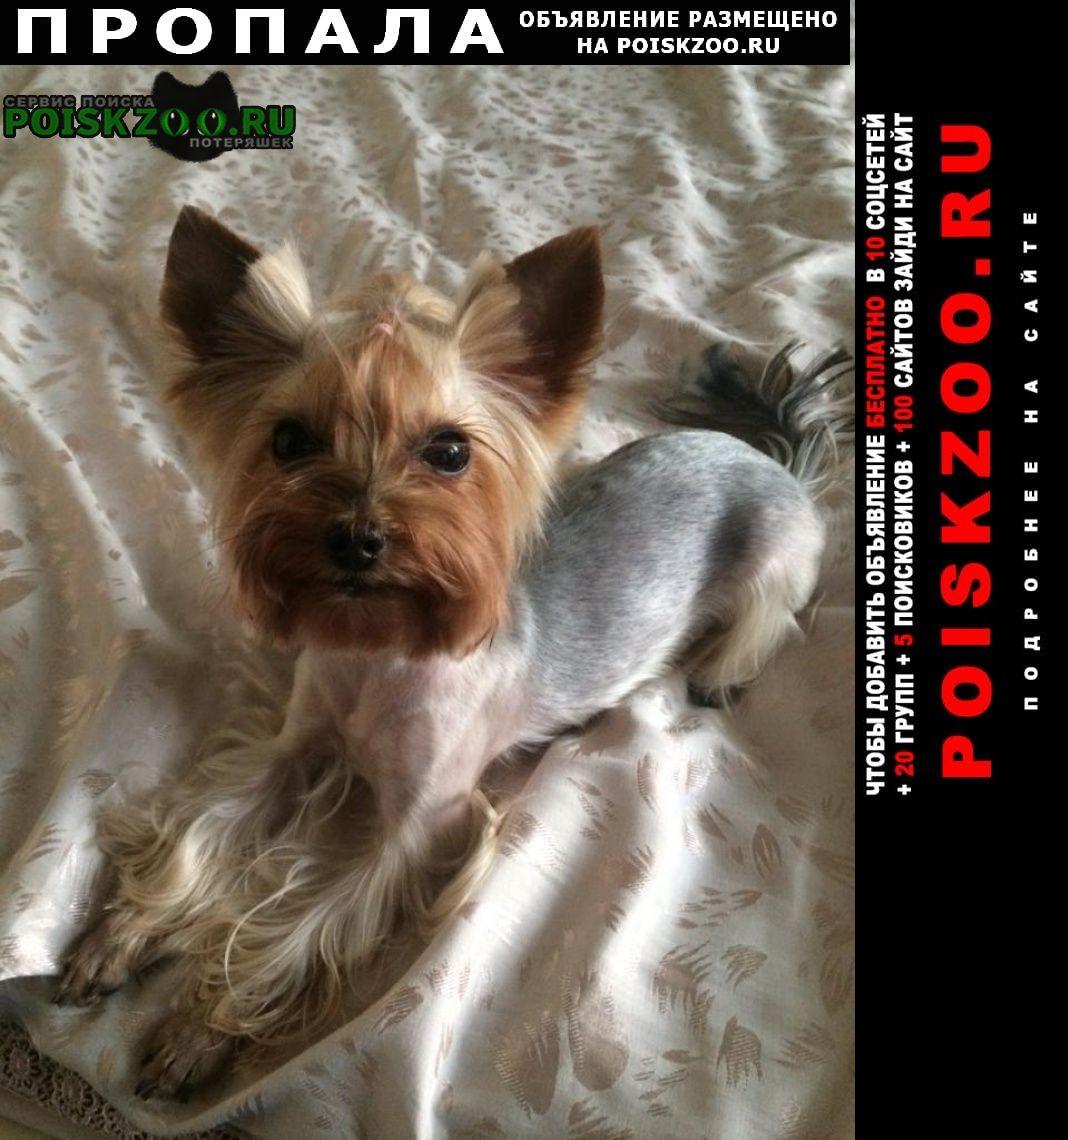 Пропала собака девочка йорк мини Москва